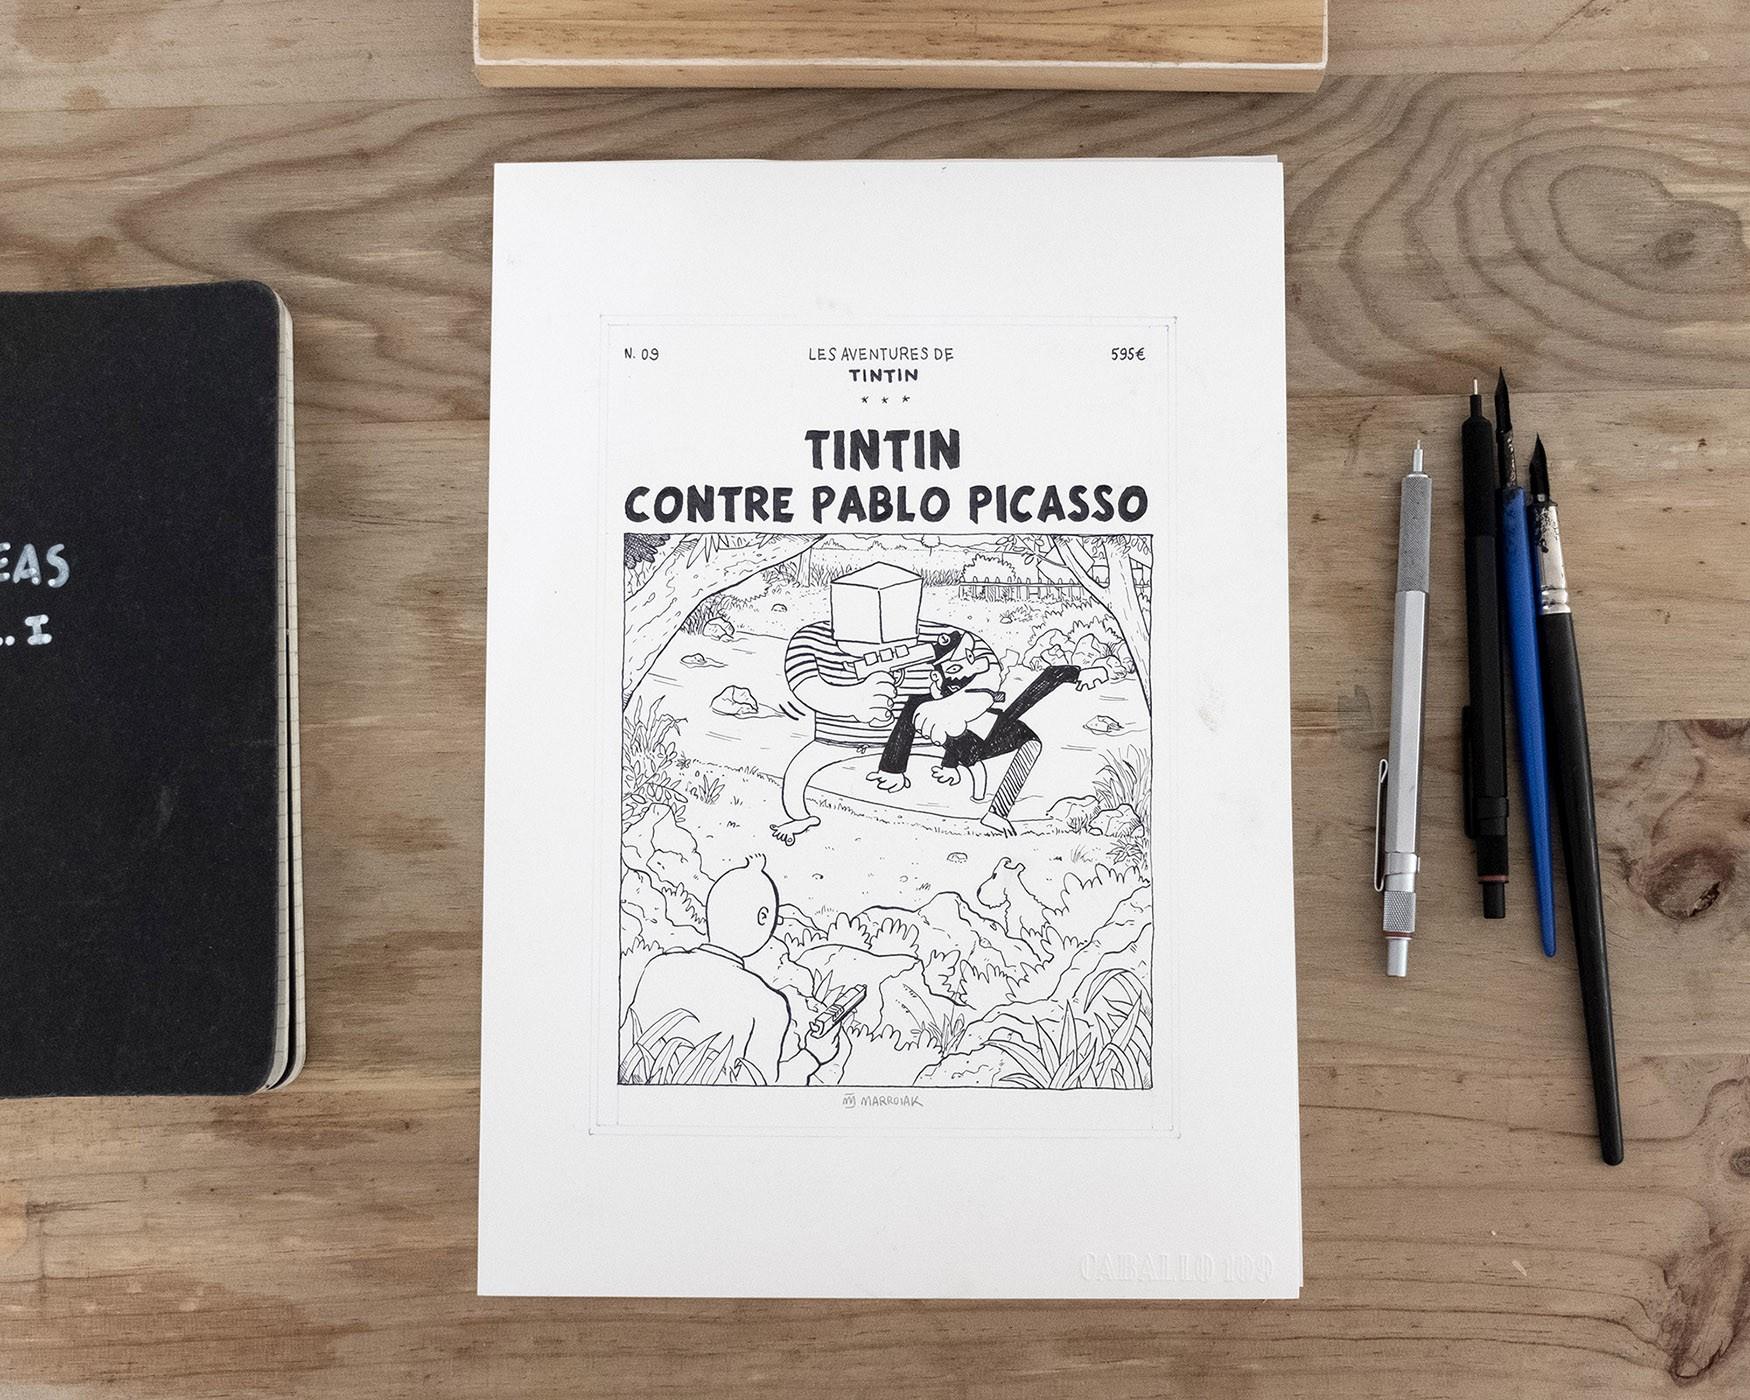 Dibujo original de una comic pastiche de Tintin contra Pablo Picasso. Ilustración en tinta sobre papel. Blanco y negro. Boceto